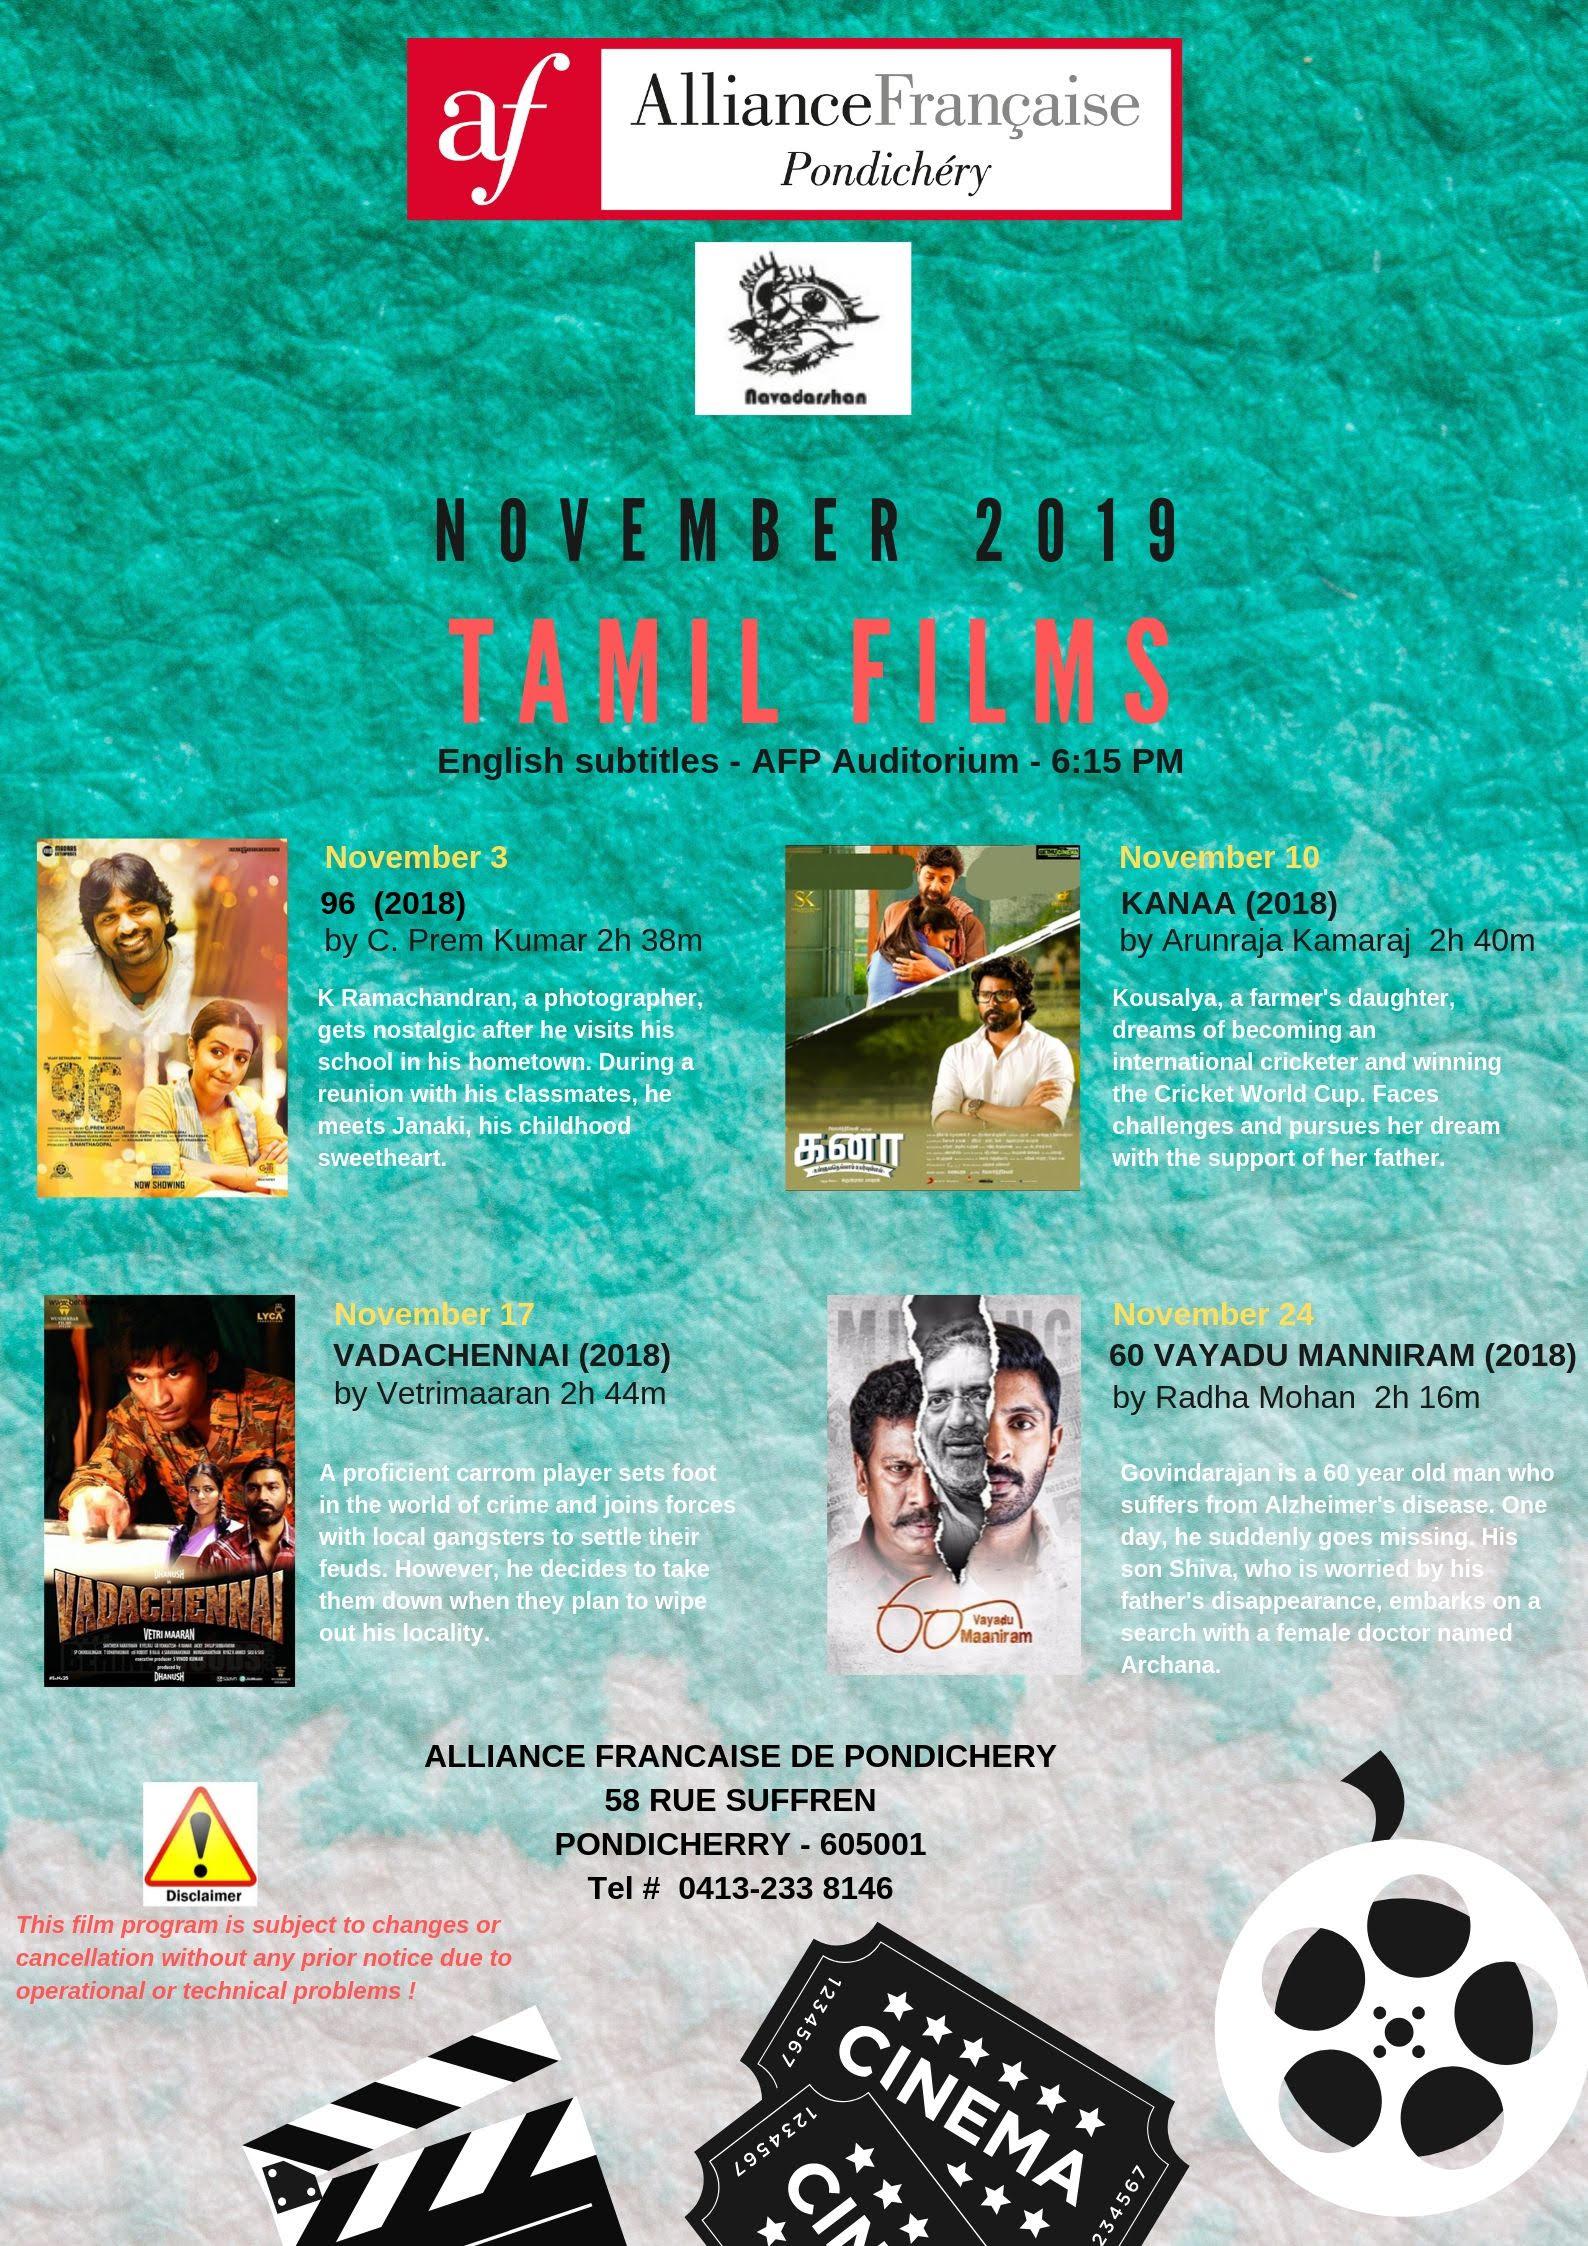 Tamil Film Program